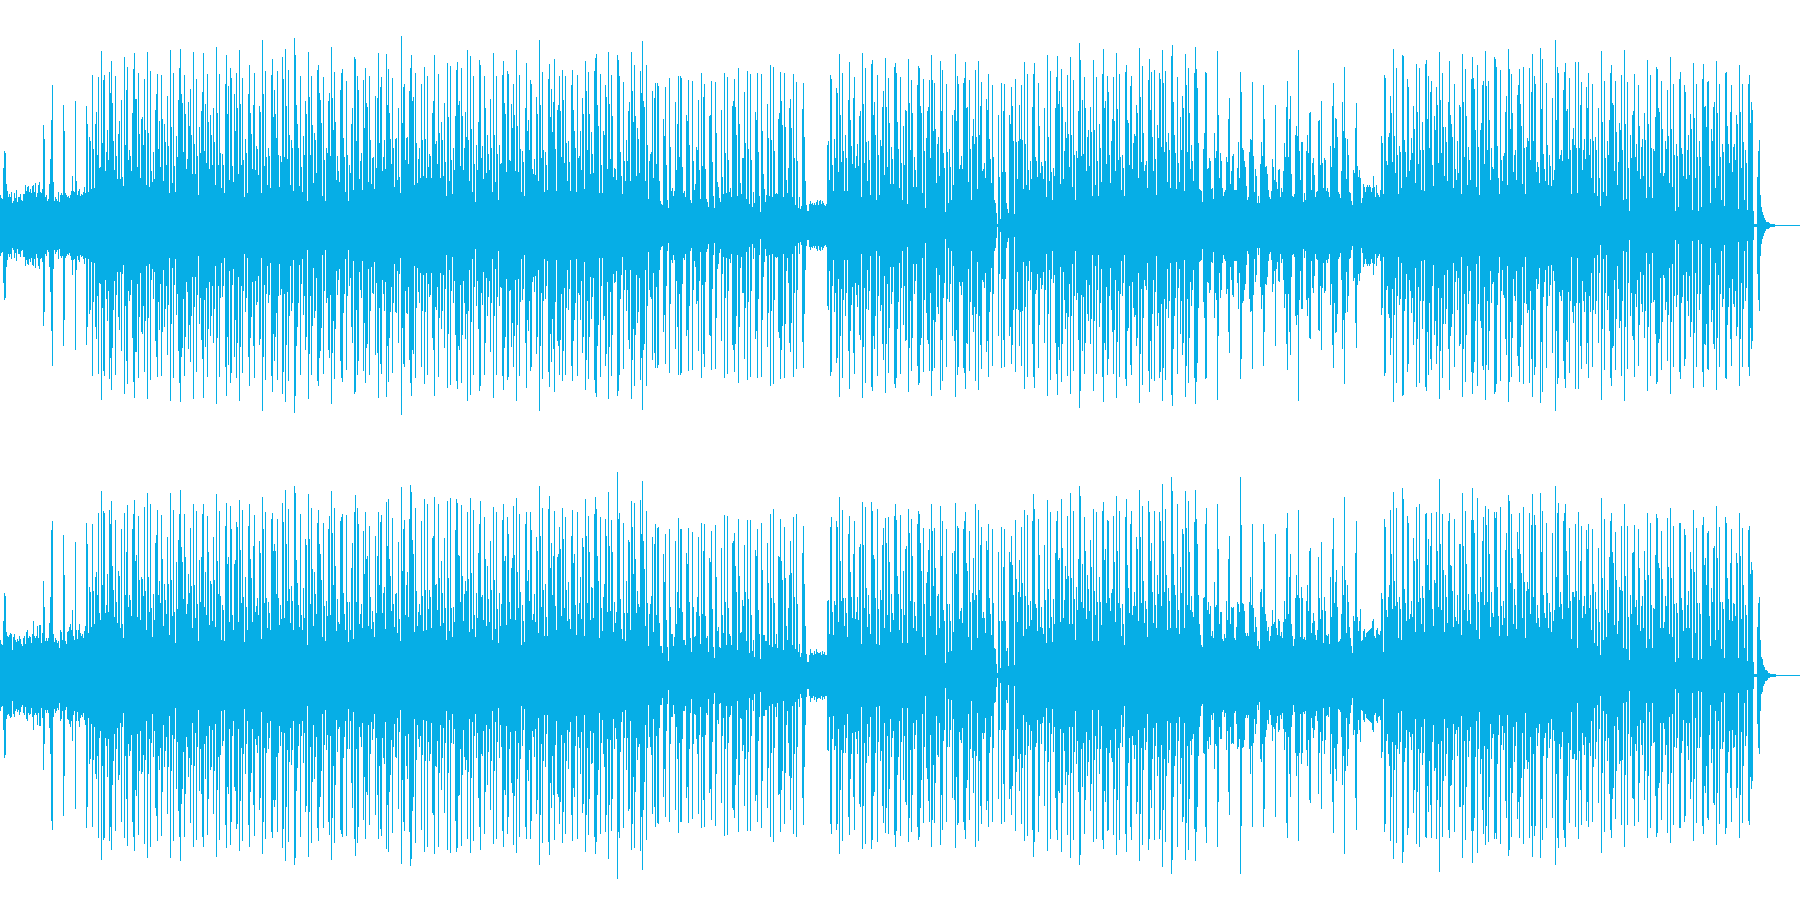 コーラスが印象的なハウスミュージックの再生済みの波形